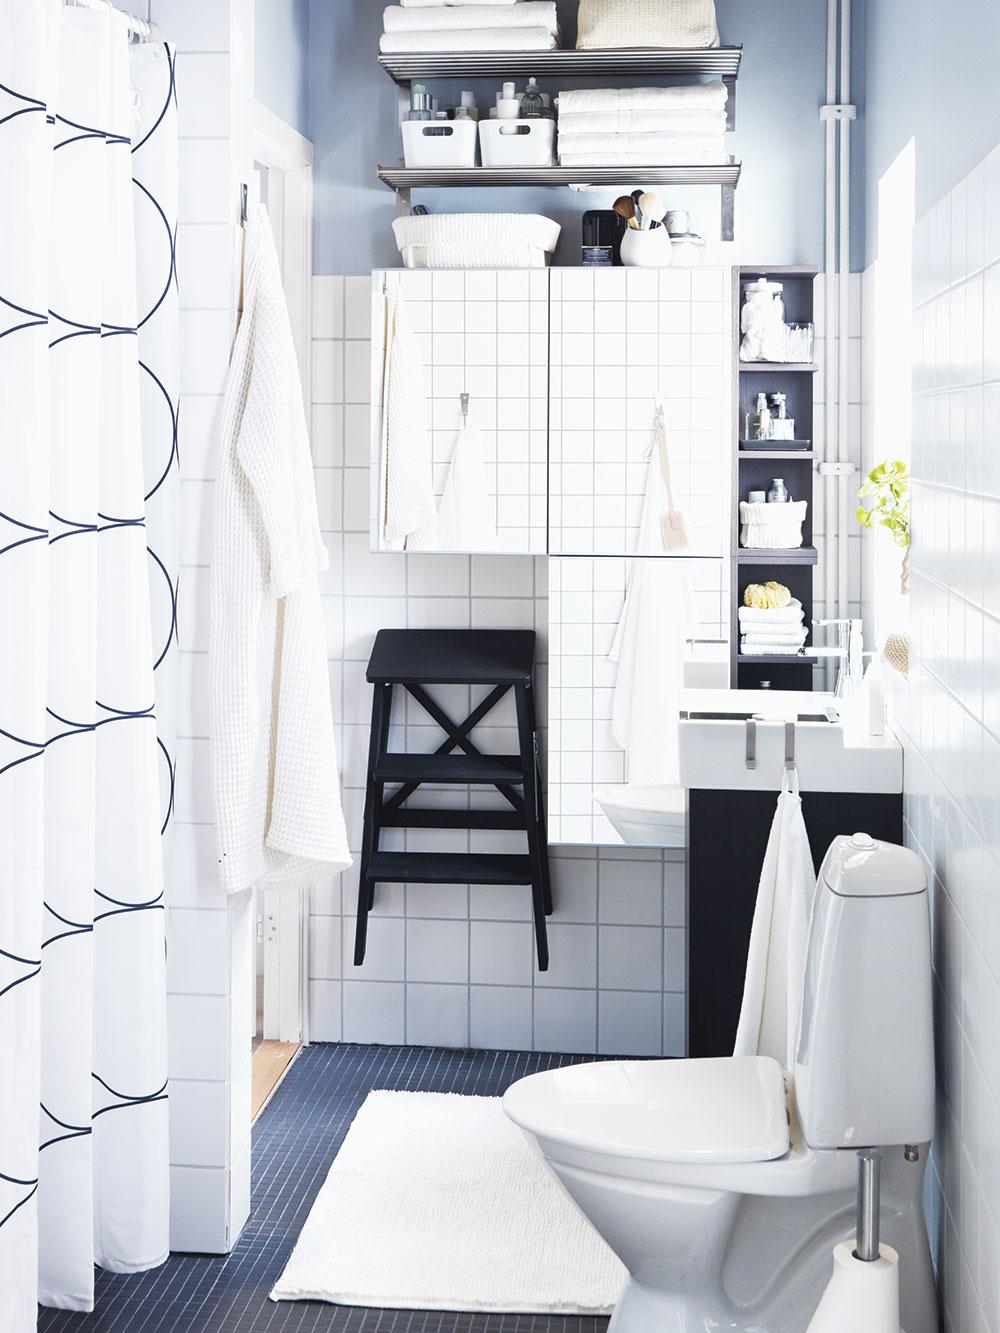 Využite všetky steny malej kúpeľne, aby sa do nej vošlo všetko, čo tam potrebujete mať. Šikovné nápady a úložné možnosti dokážu potom aj z malej miestnosti vyčarovať multifunkčný priestor. Viac inšpirácií nájdete na www.ikea.sk